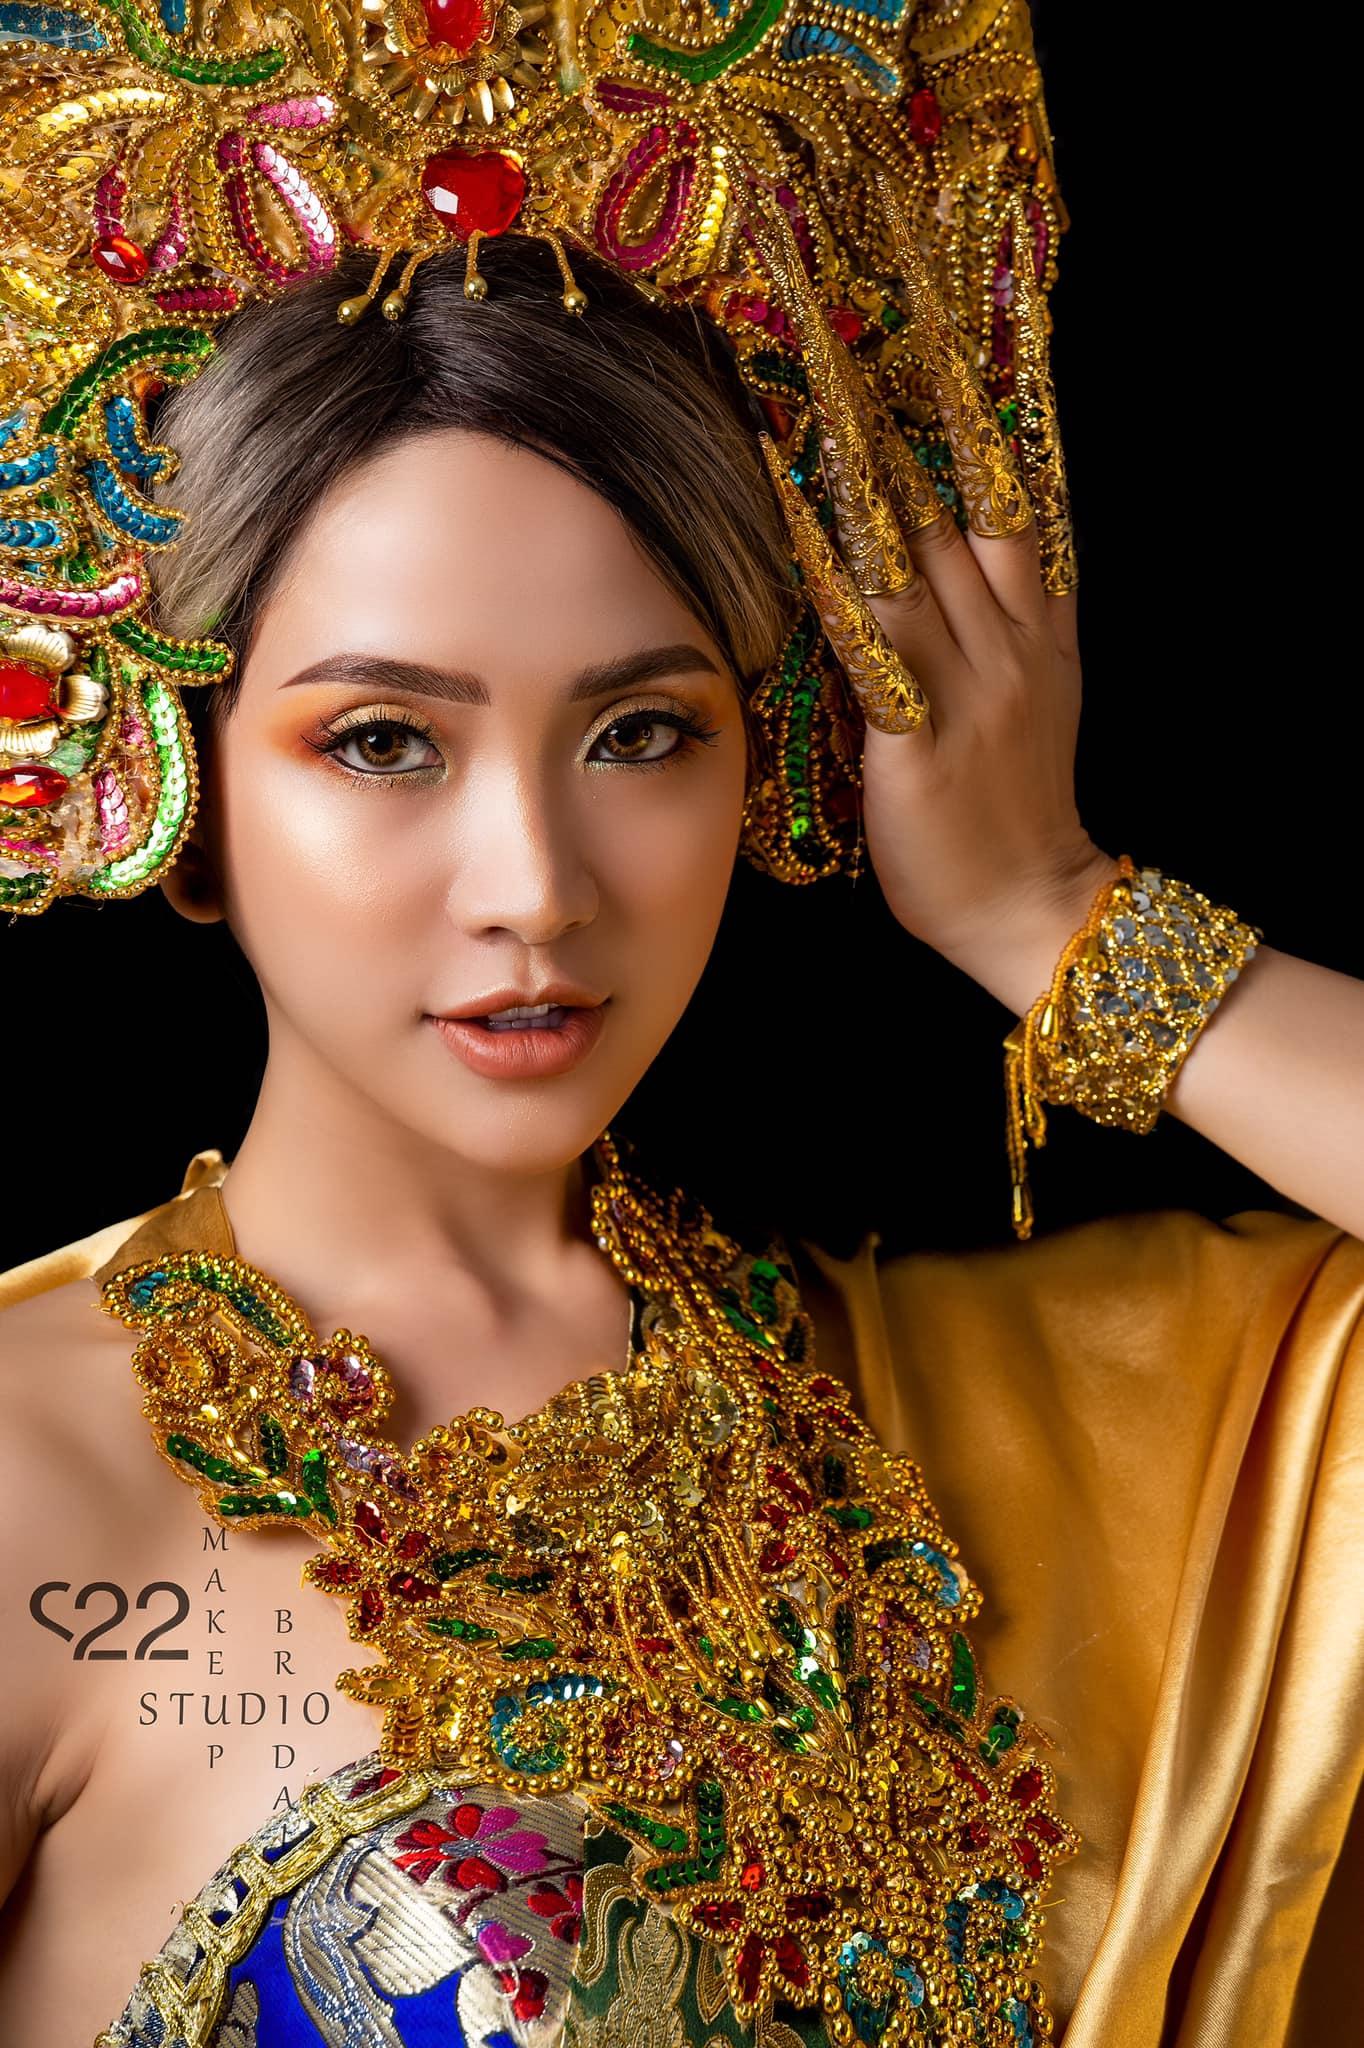 Top 7 tiệm trang điểm cô dâu đẹp nhất tại Đà Lạt -  Maika Nguyen makeup (22 Studio . Make Up . Bridal.)